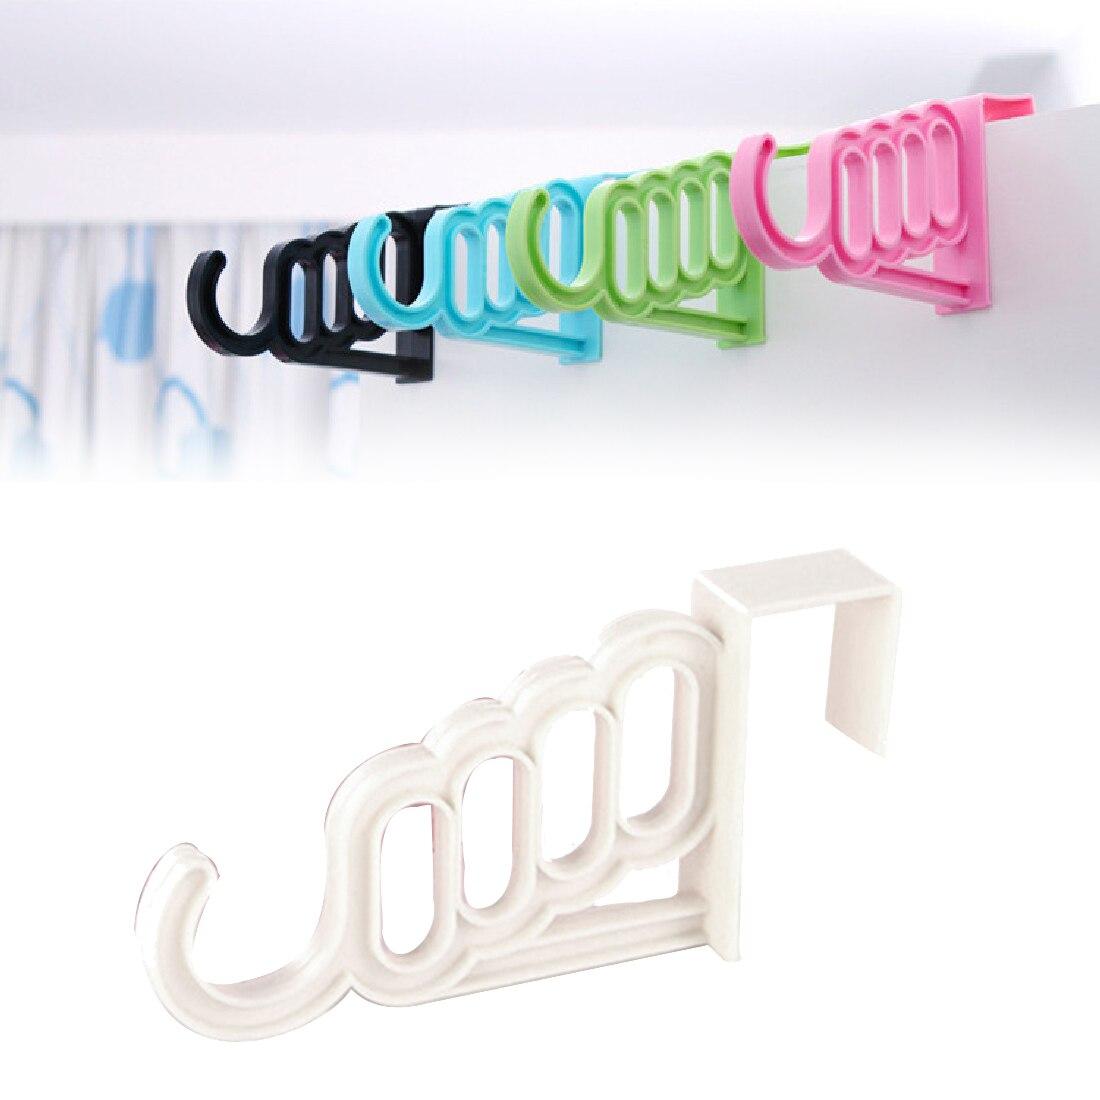 Cintre de séchage 5 trous pour salle de bain   Accessoires pour la maison multifonctions vêtements pliables étagère de séchage 5 trous, organisateur de porte de salle de bains en plastique